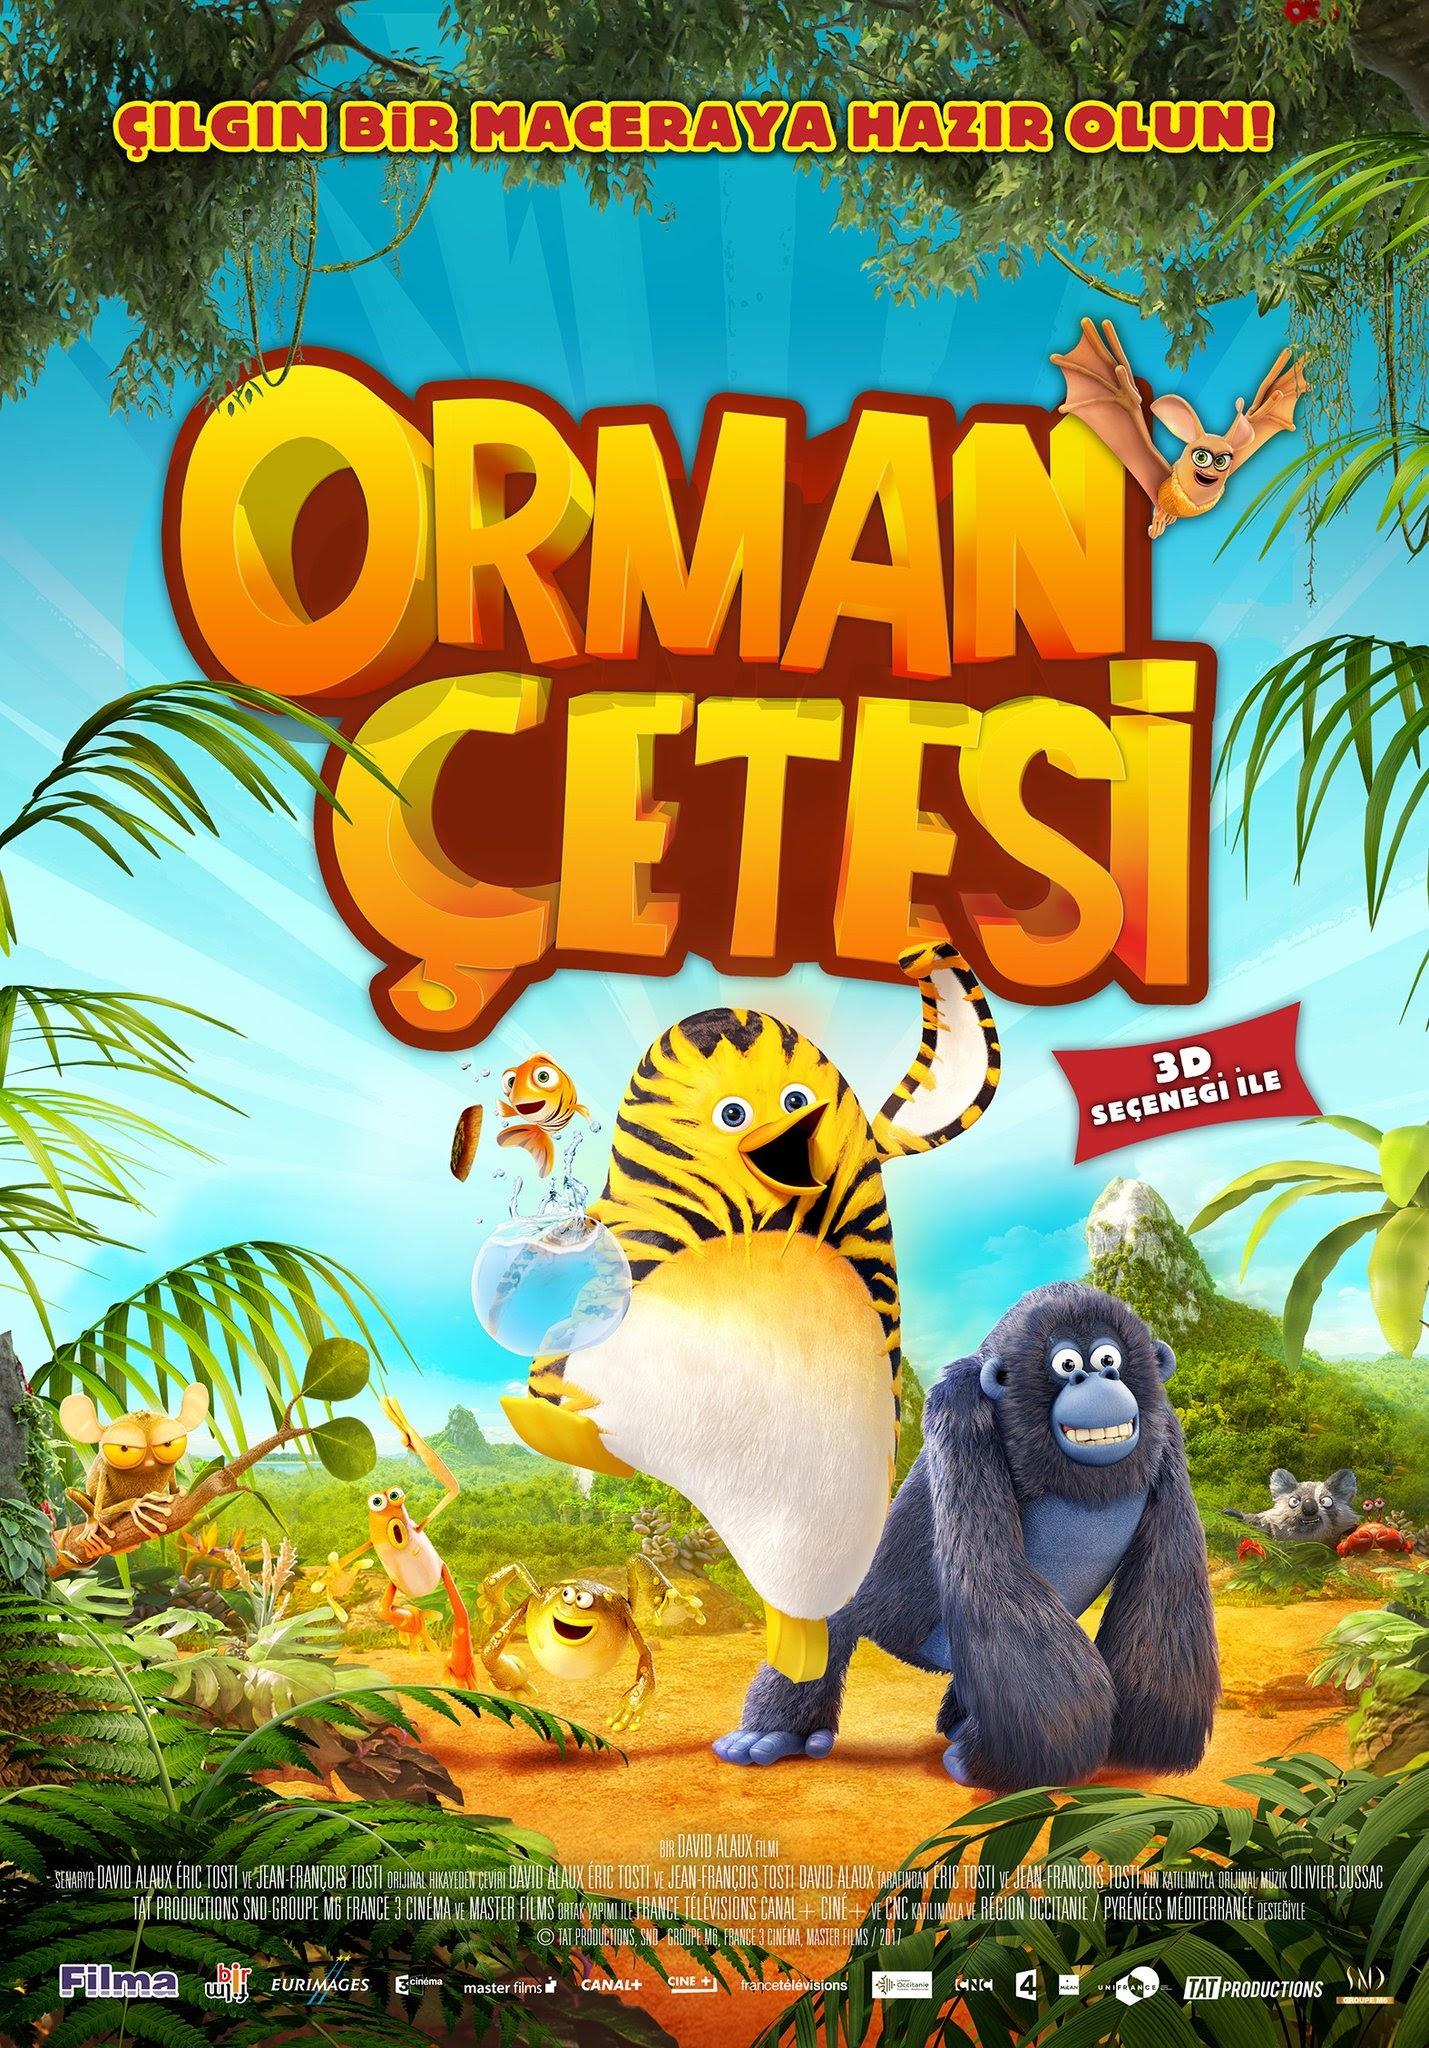 Orman Çetesi à Region De France 2017